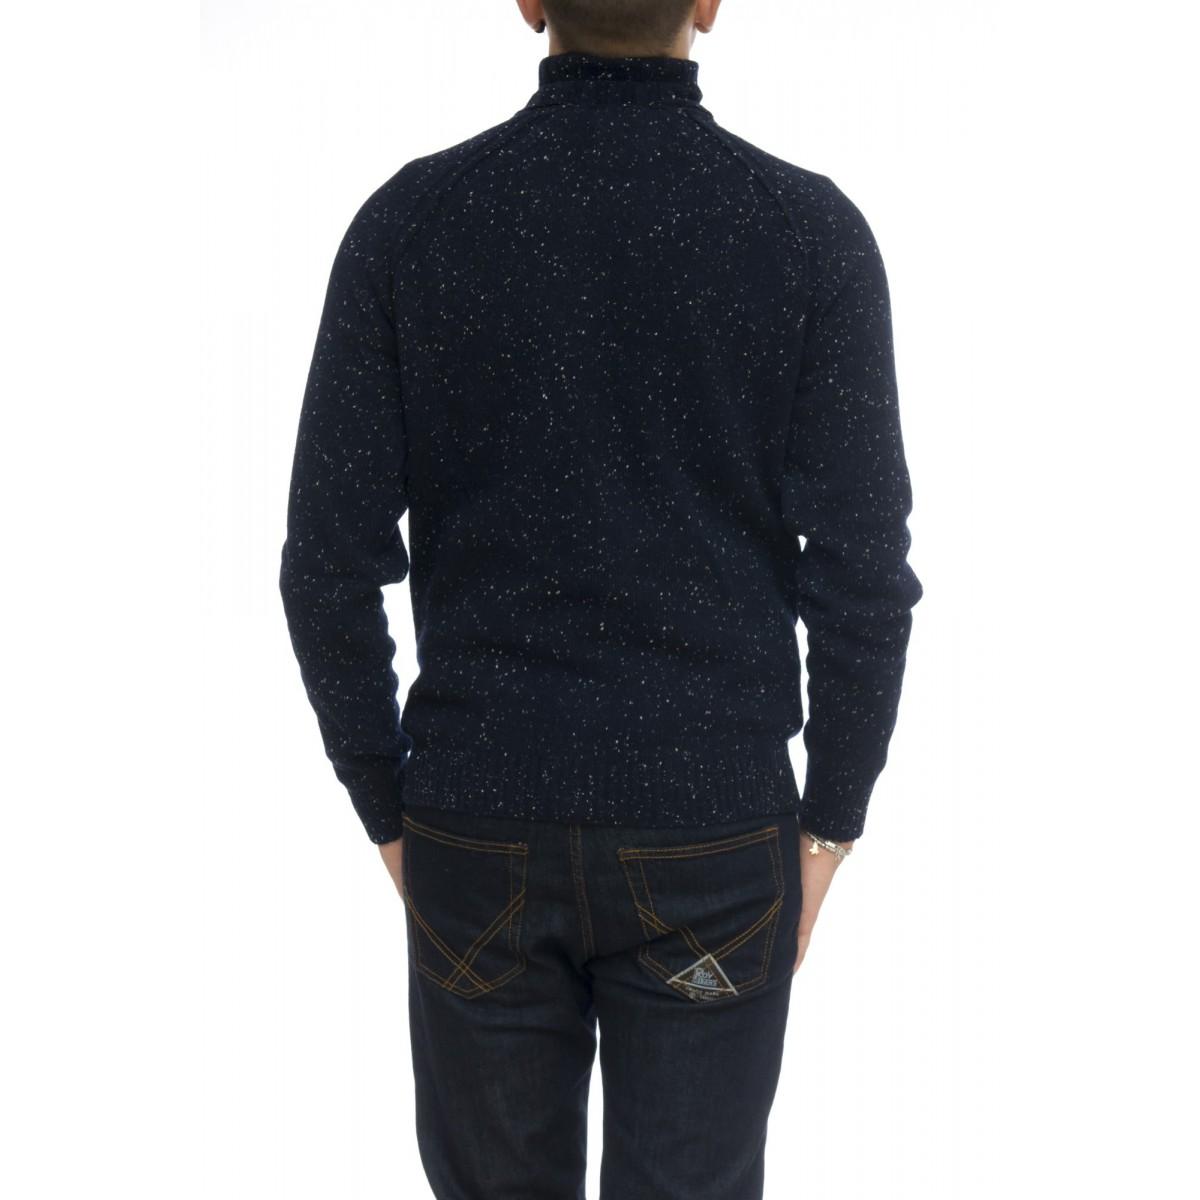 Maglia uomo - 1883004/t lavorazione bottonato 100% merinos collo alto